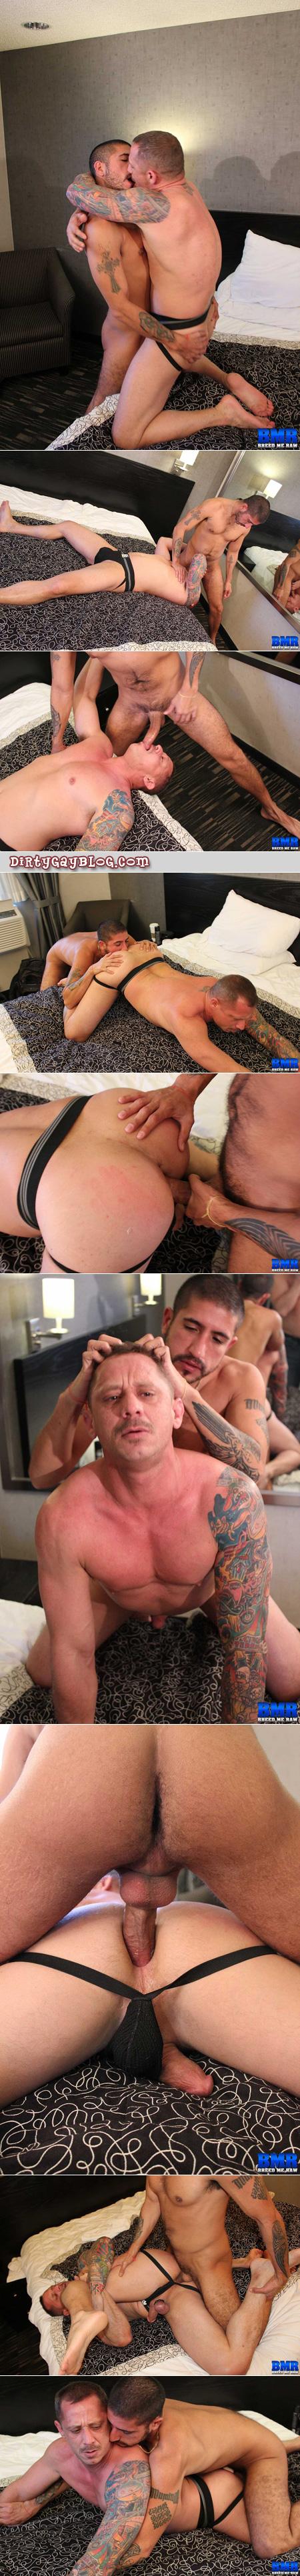 Uncut Latino fucks a mustachioed and heavily tattooed Daddy bareback.